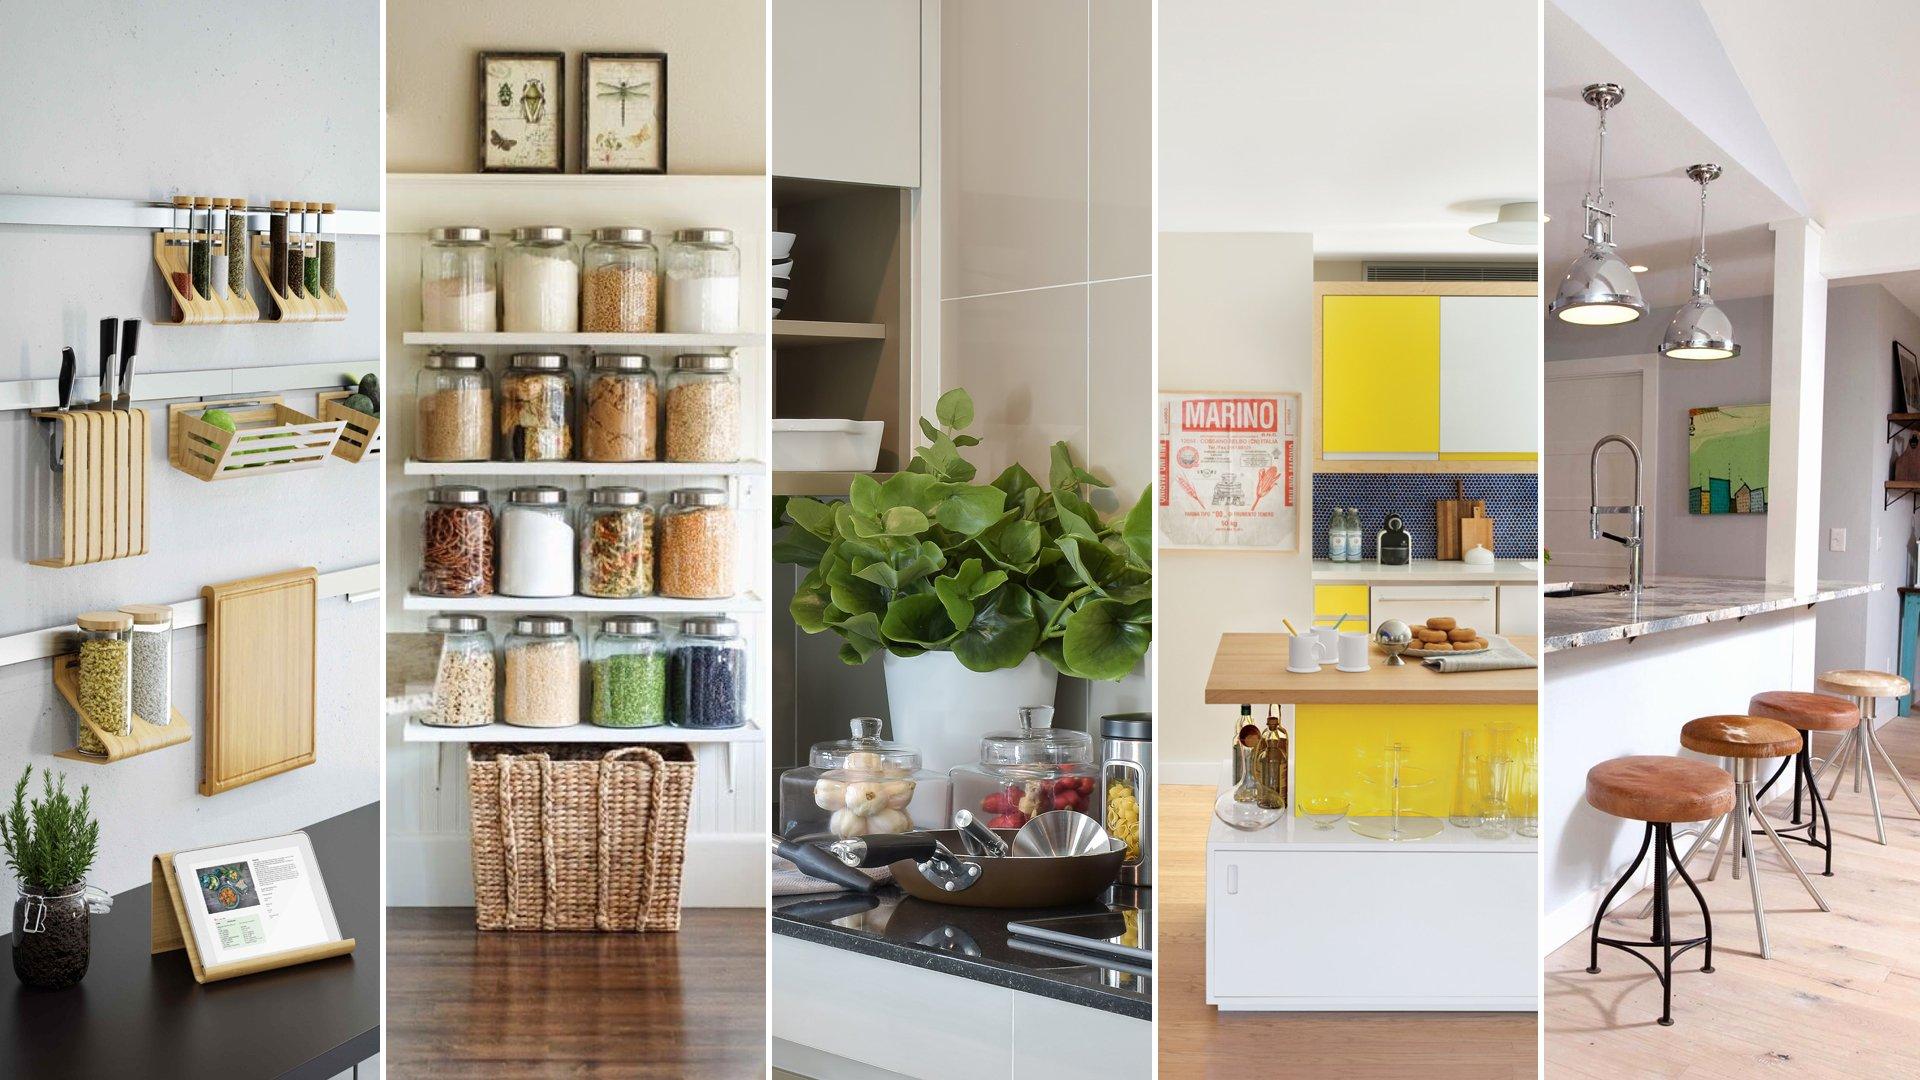 Kitchen Re-design Essentials